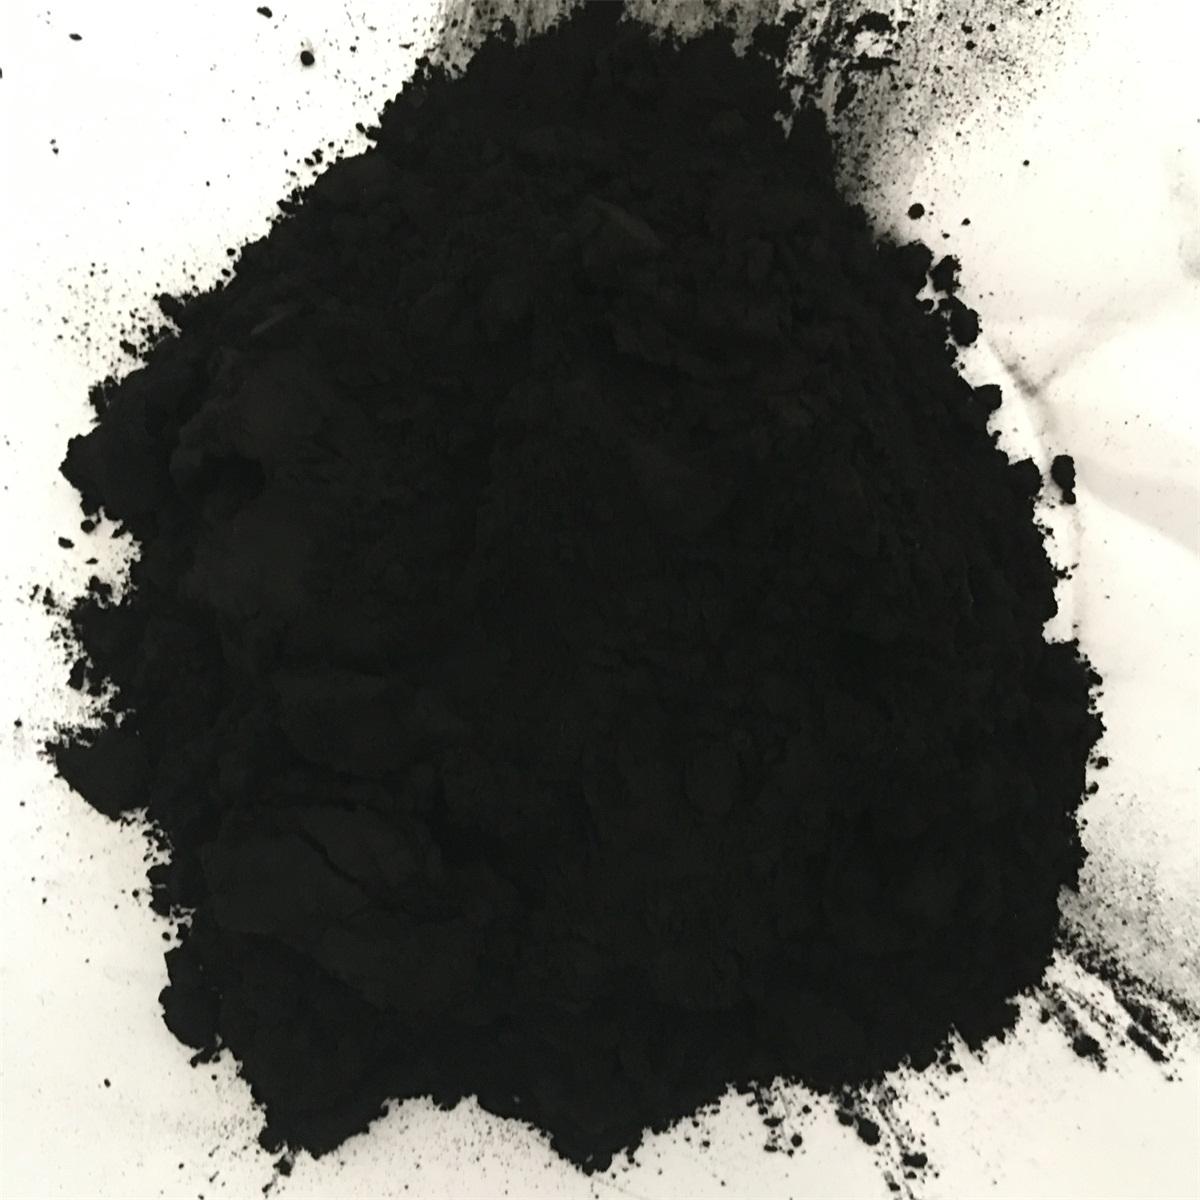 知名廠家為你推薦質量可靠的活性炭_堿式氯化鋁價格